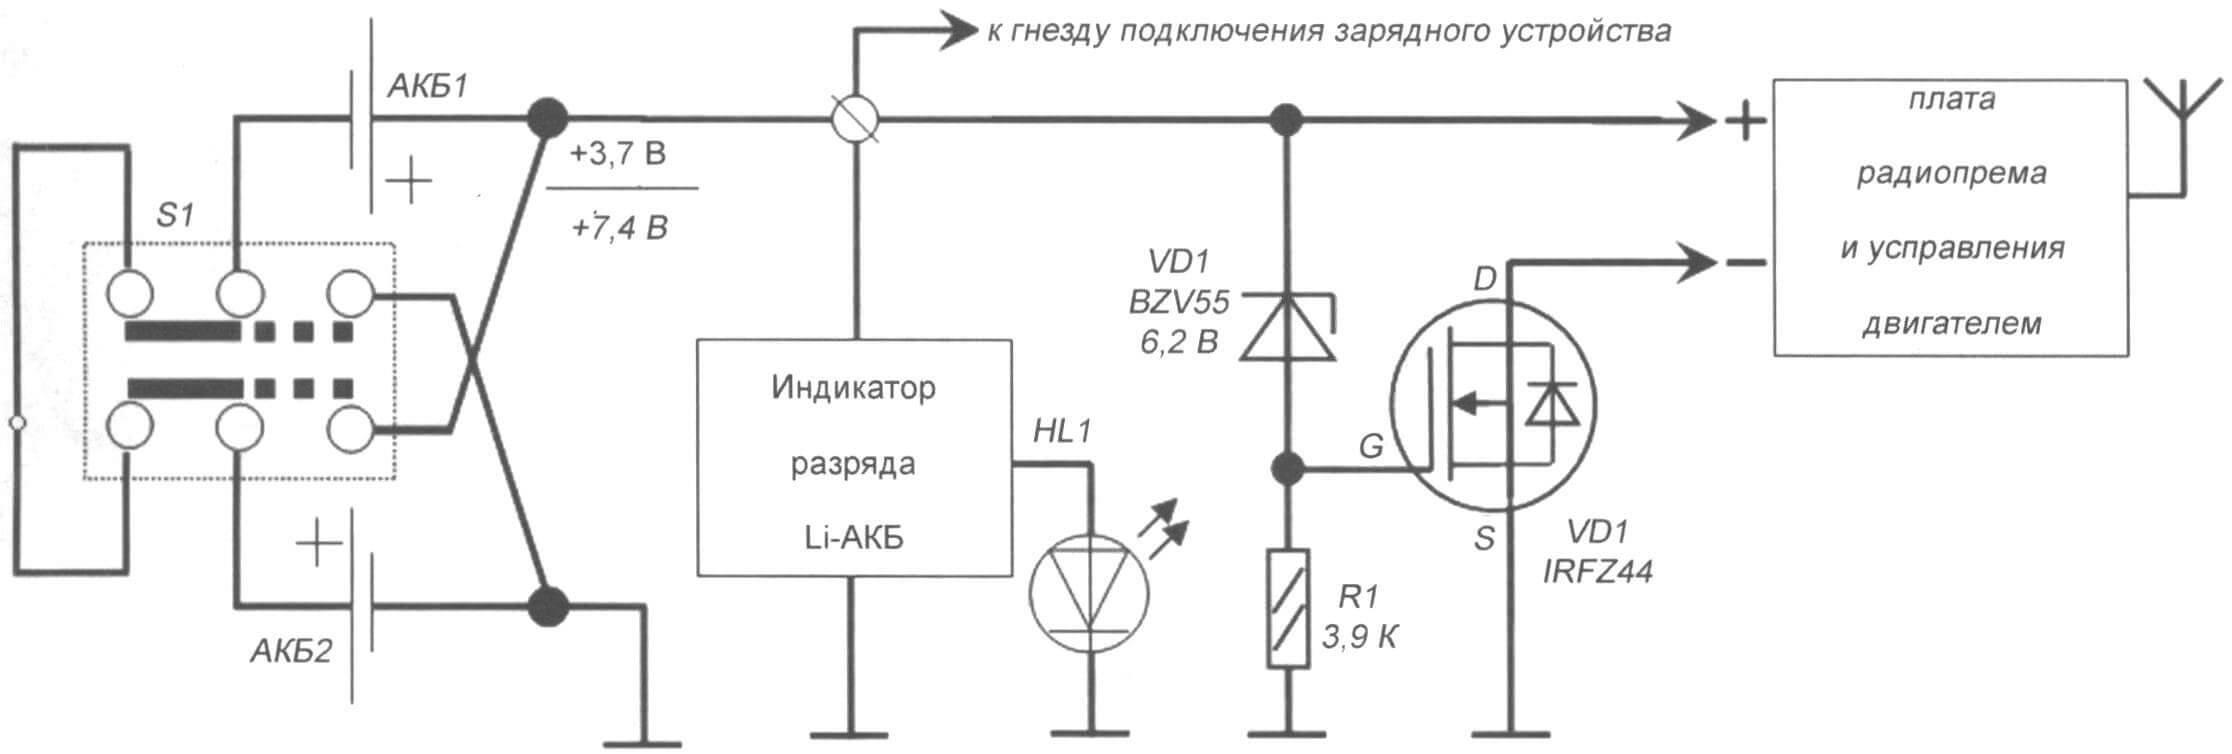 Рис. 6. Общая электрическая схема соединений в модели джипа, на литиевых АКБ